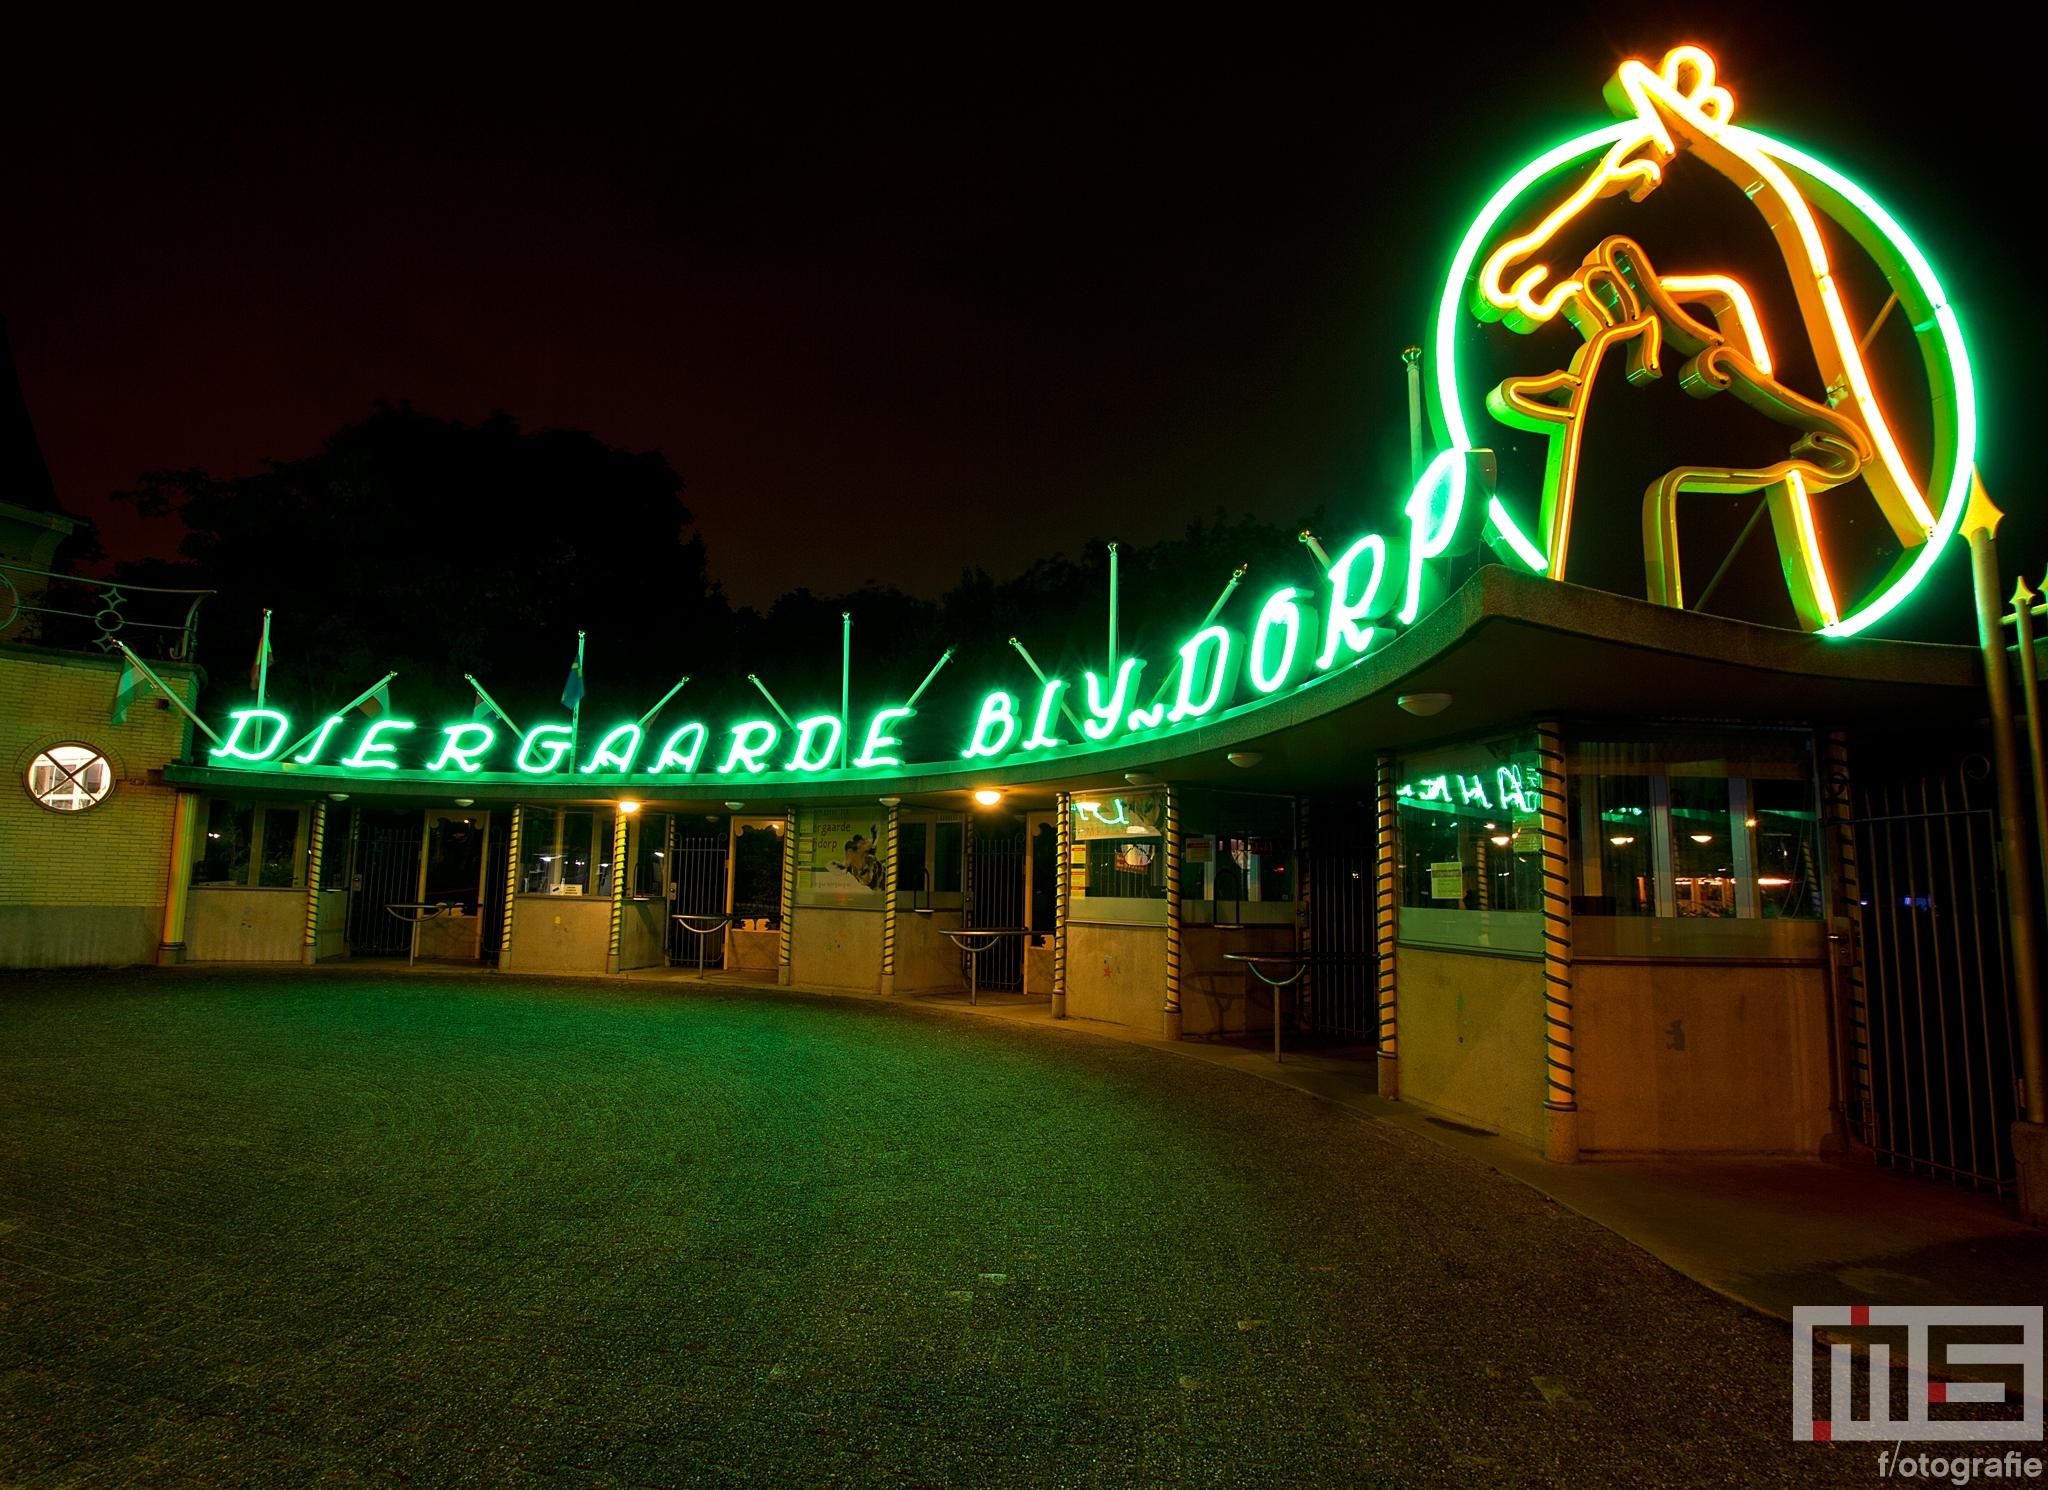 Het neonlicht bij de oude ingang van Diergaarde Blijdorp in Rotterdam